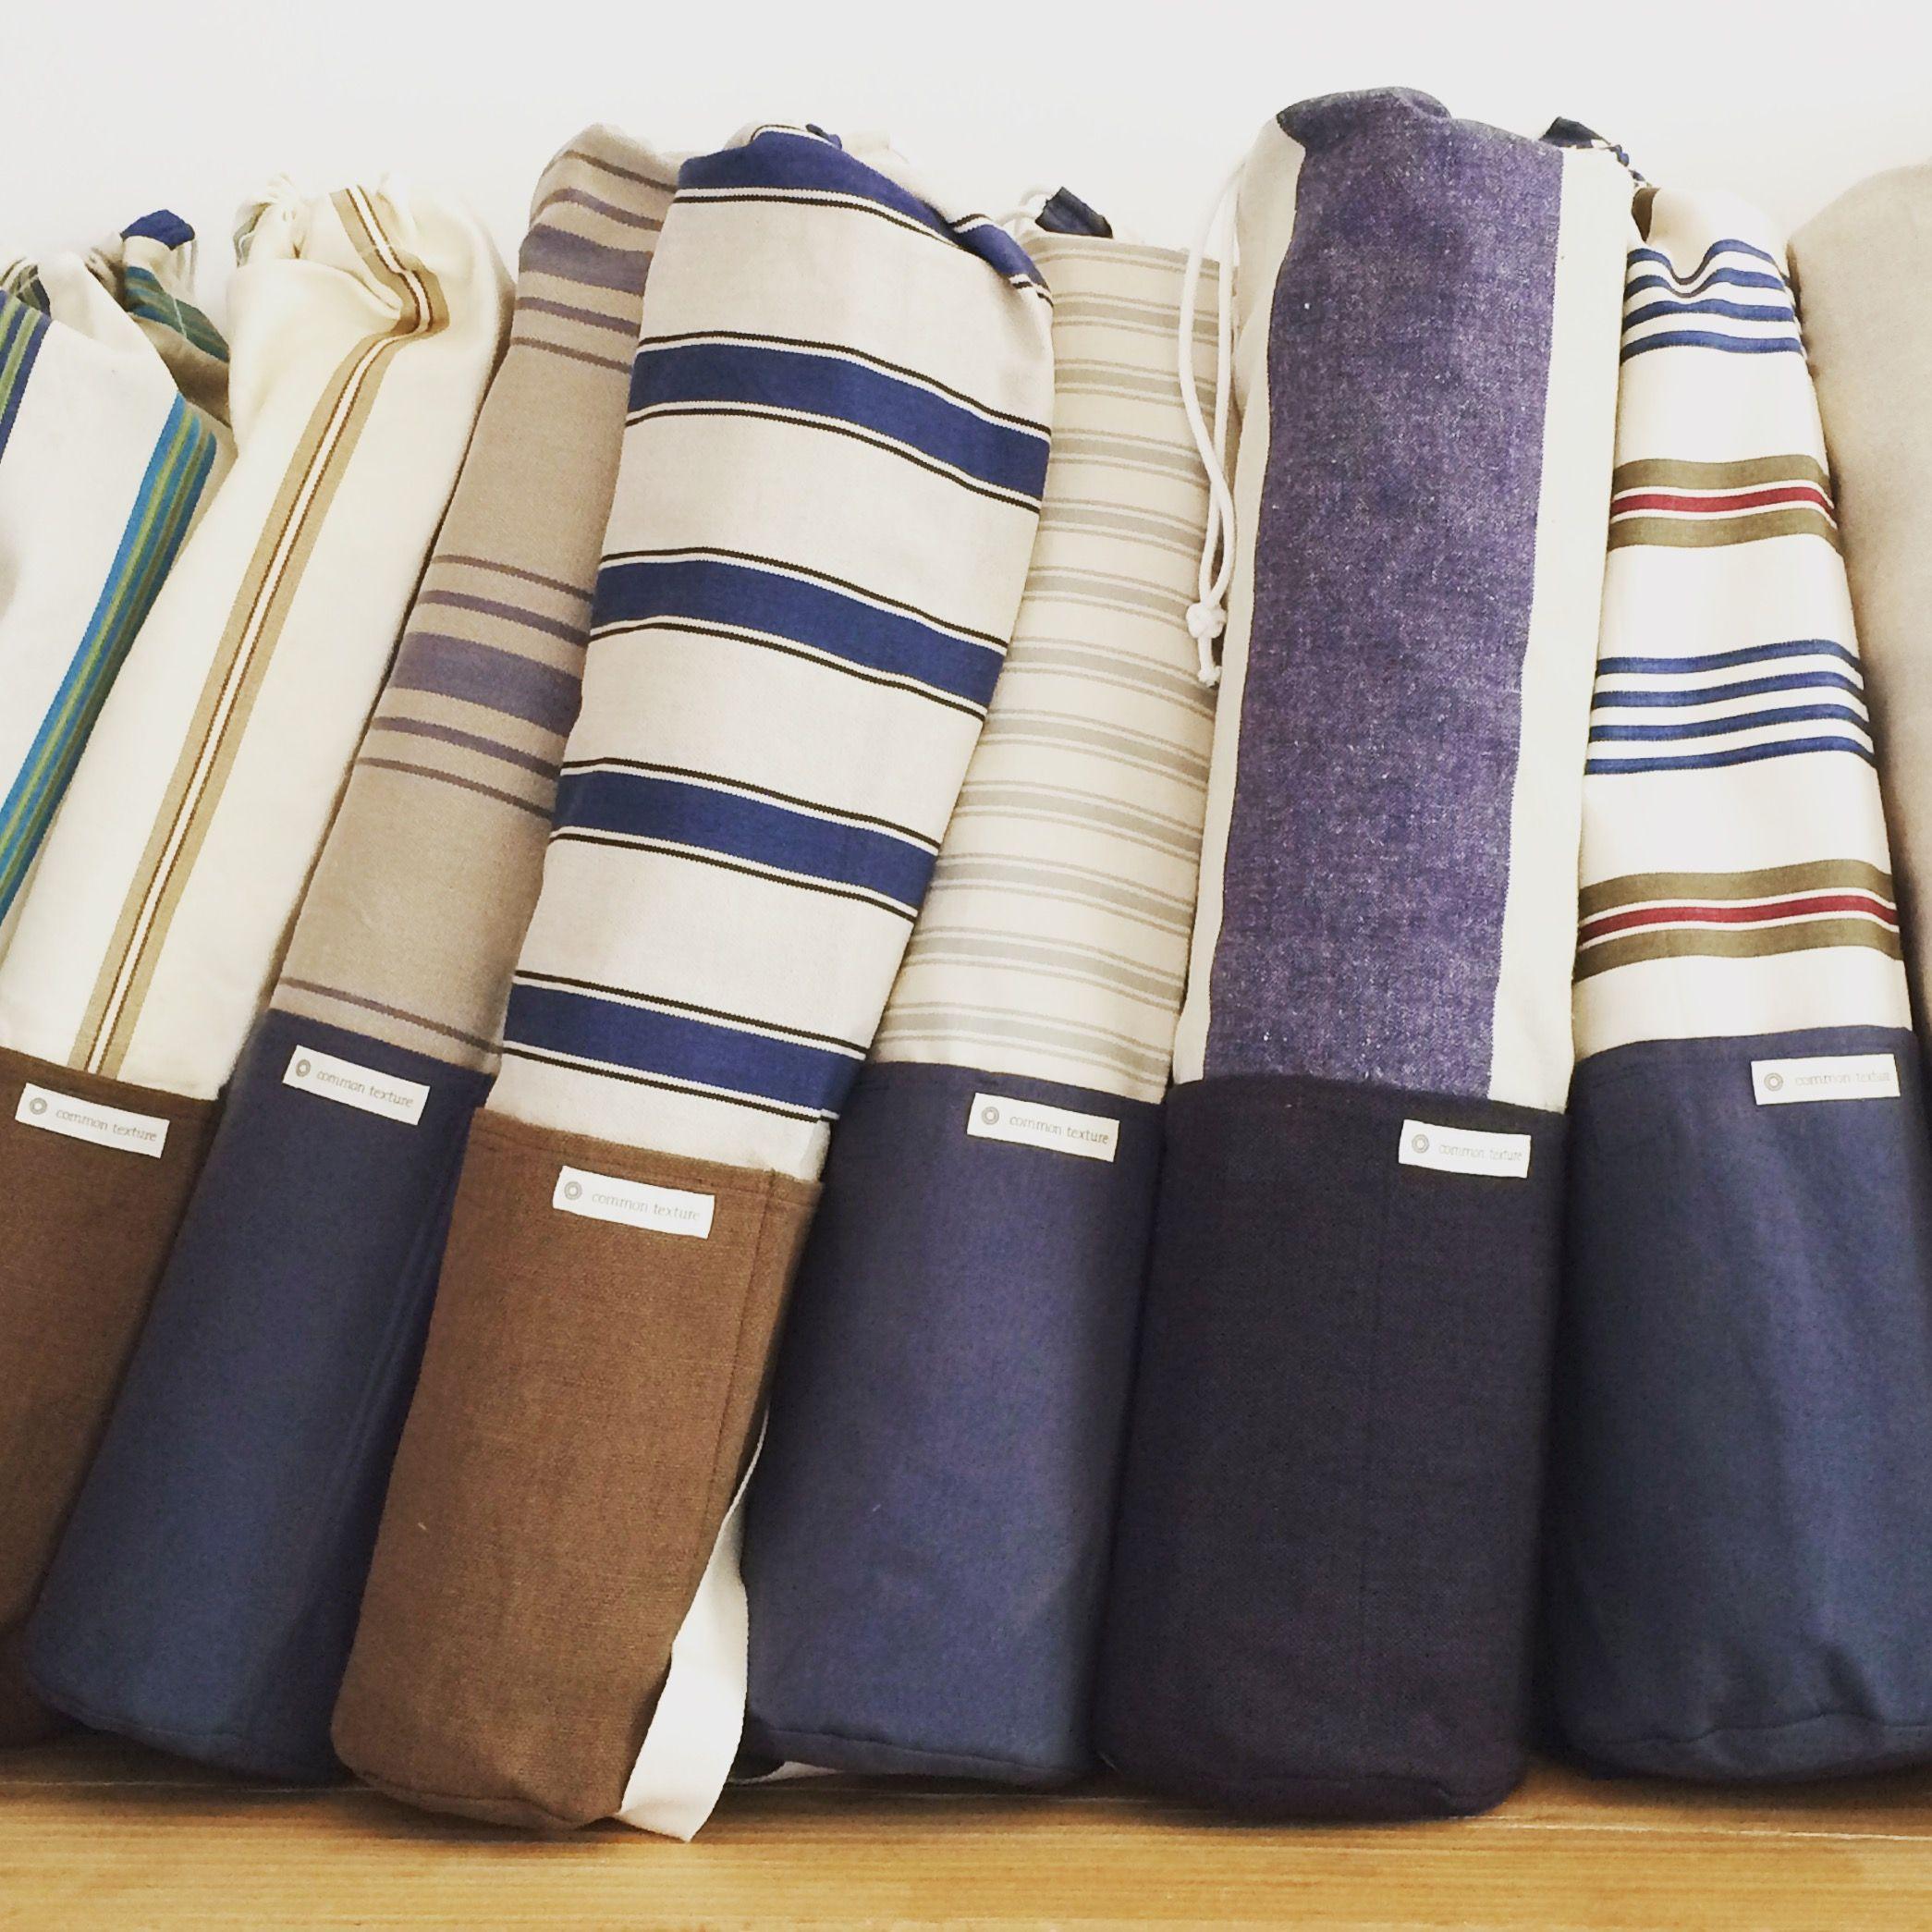 Common Texture Do Good Yoga Bags Yoga Bag Yoga Mat Bag Yoga Bag Diy